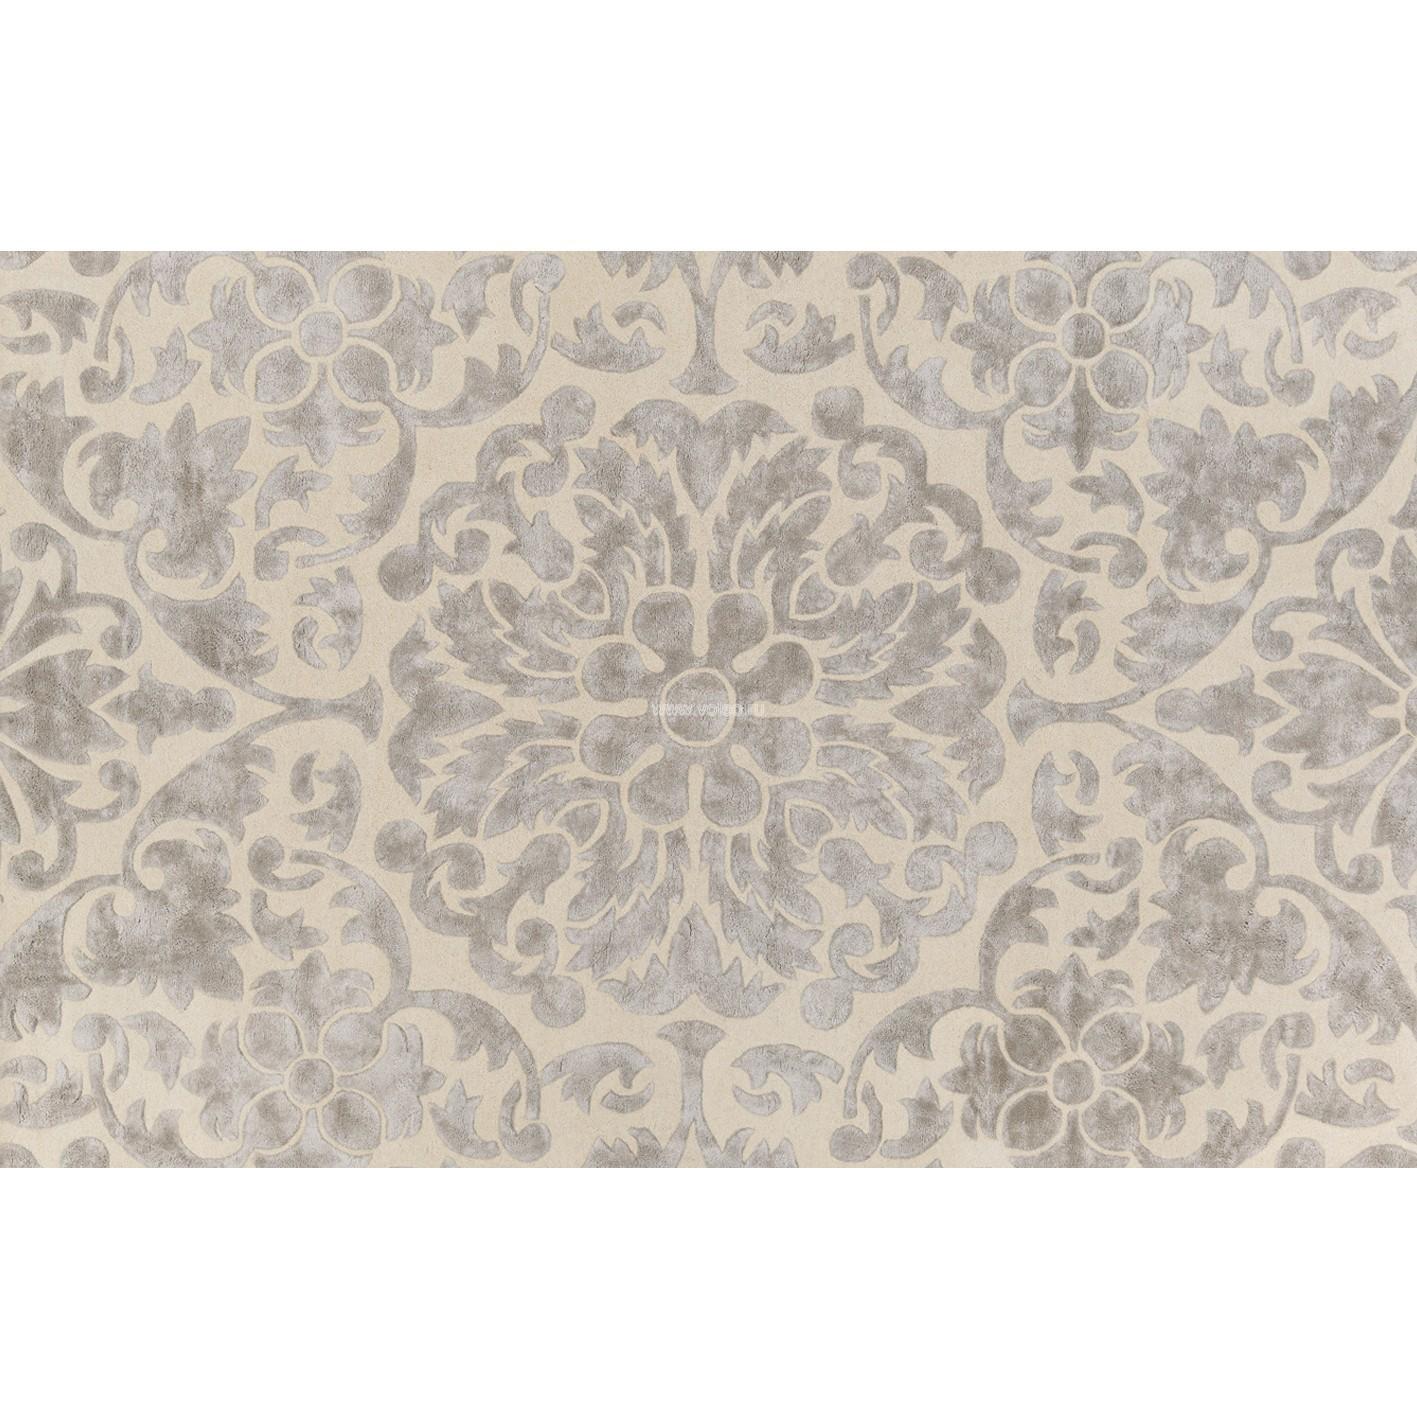 Ковер Designers Guild Royal Collection Cabochon Chalk DHRRC0387, интернет магазин Волео